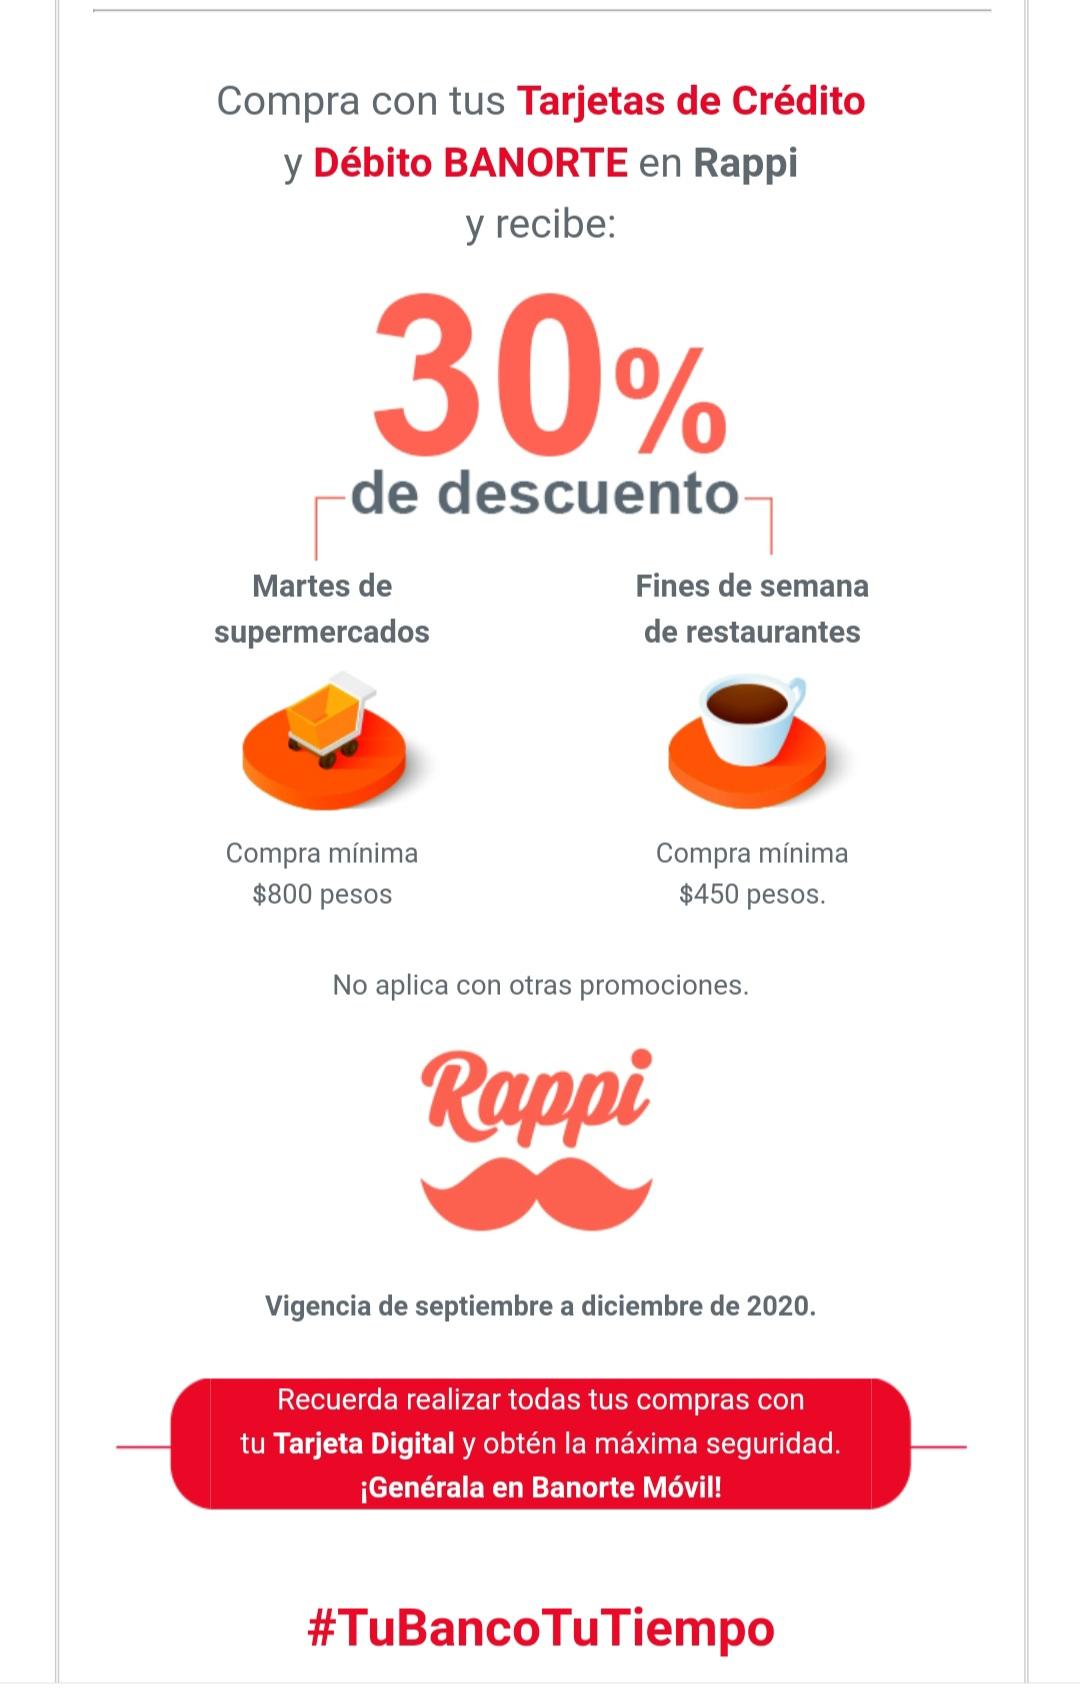 Rappi y Banorte: 30% de descuento fines de semana restaurantes